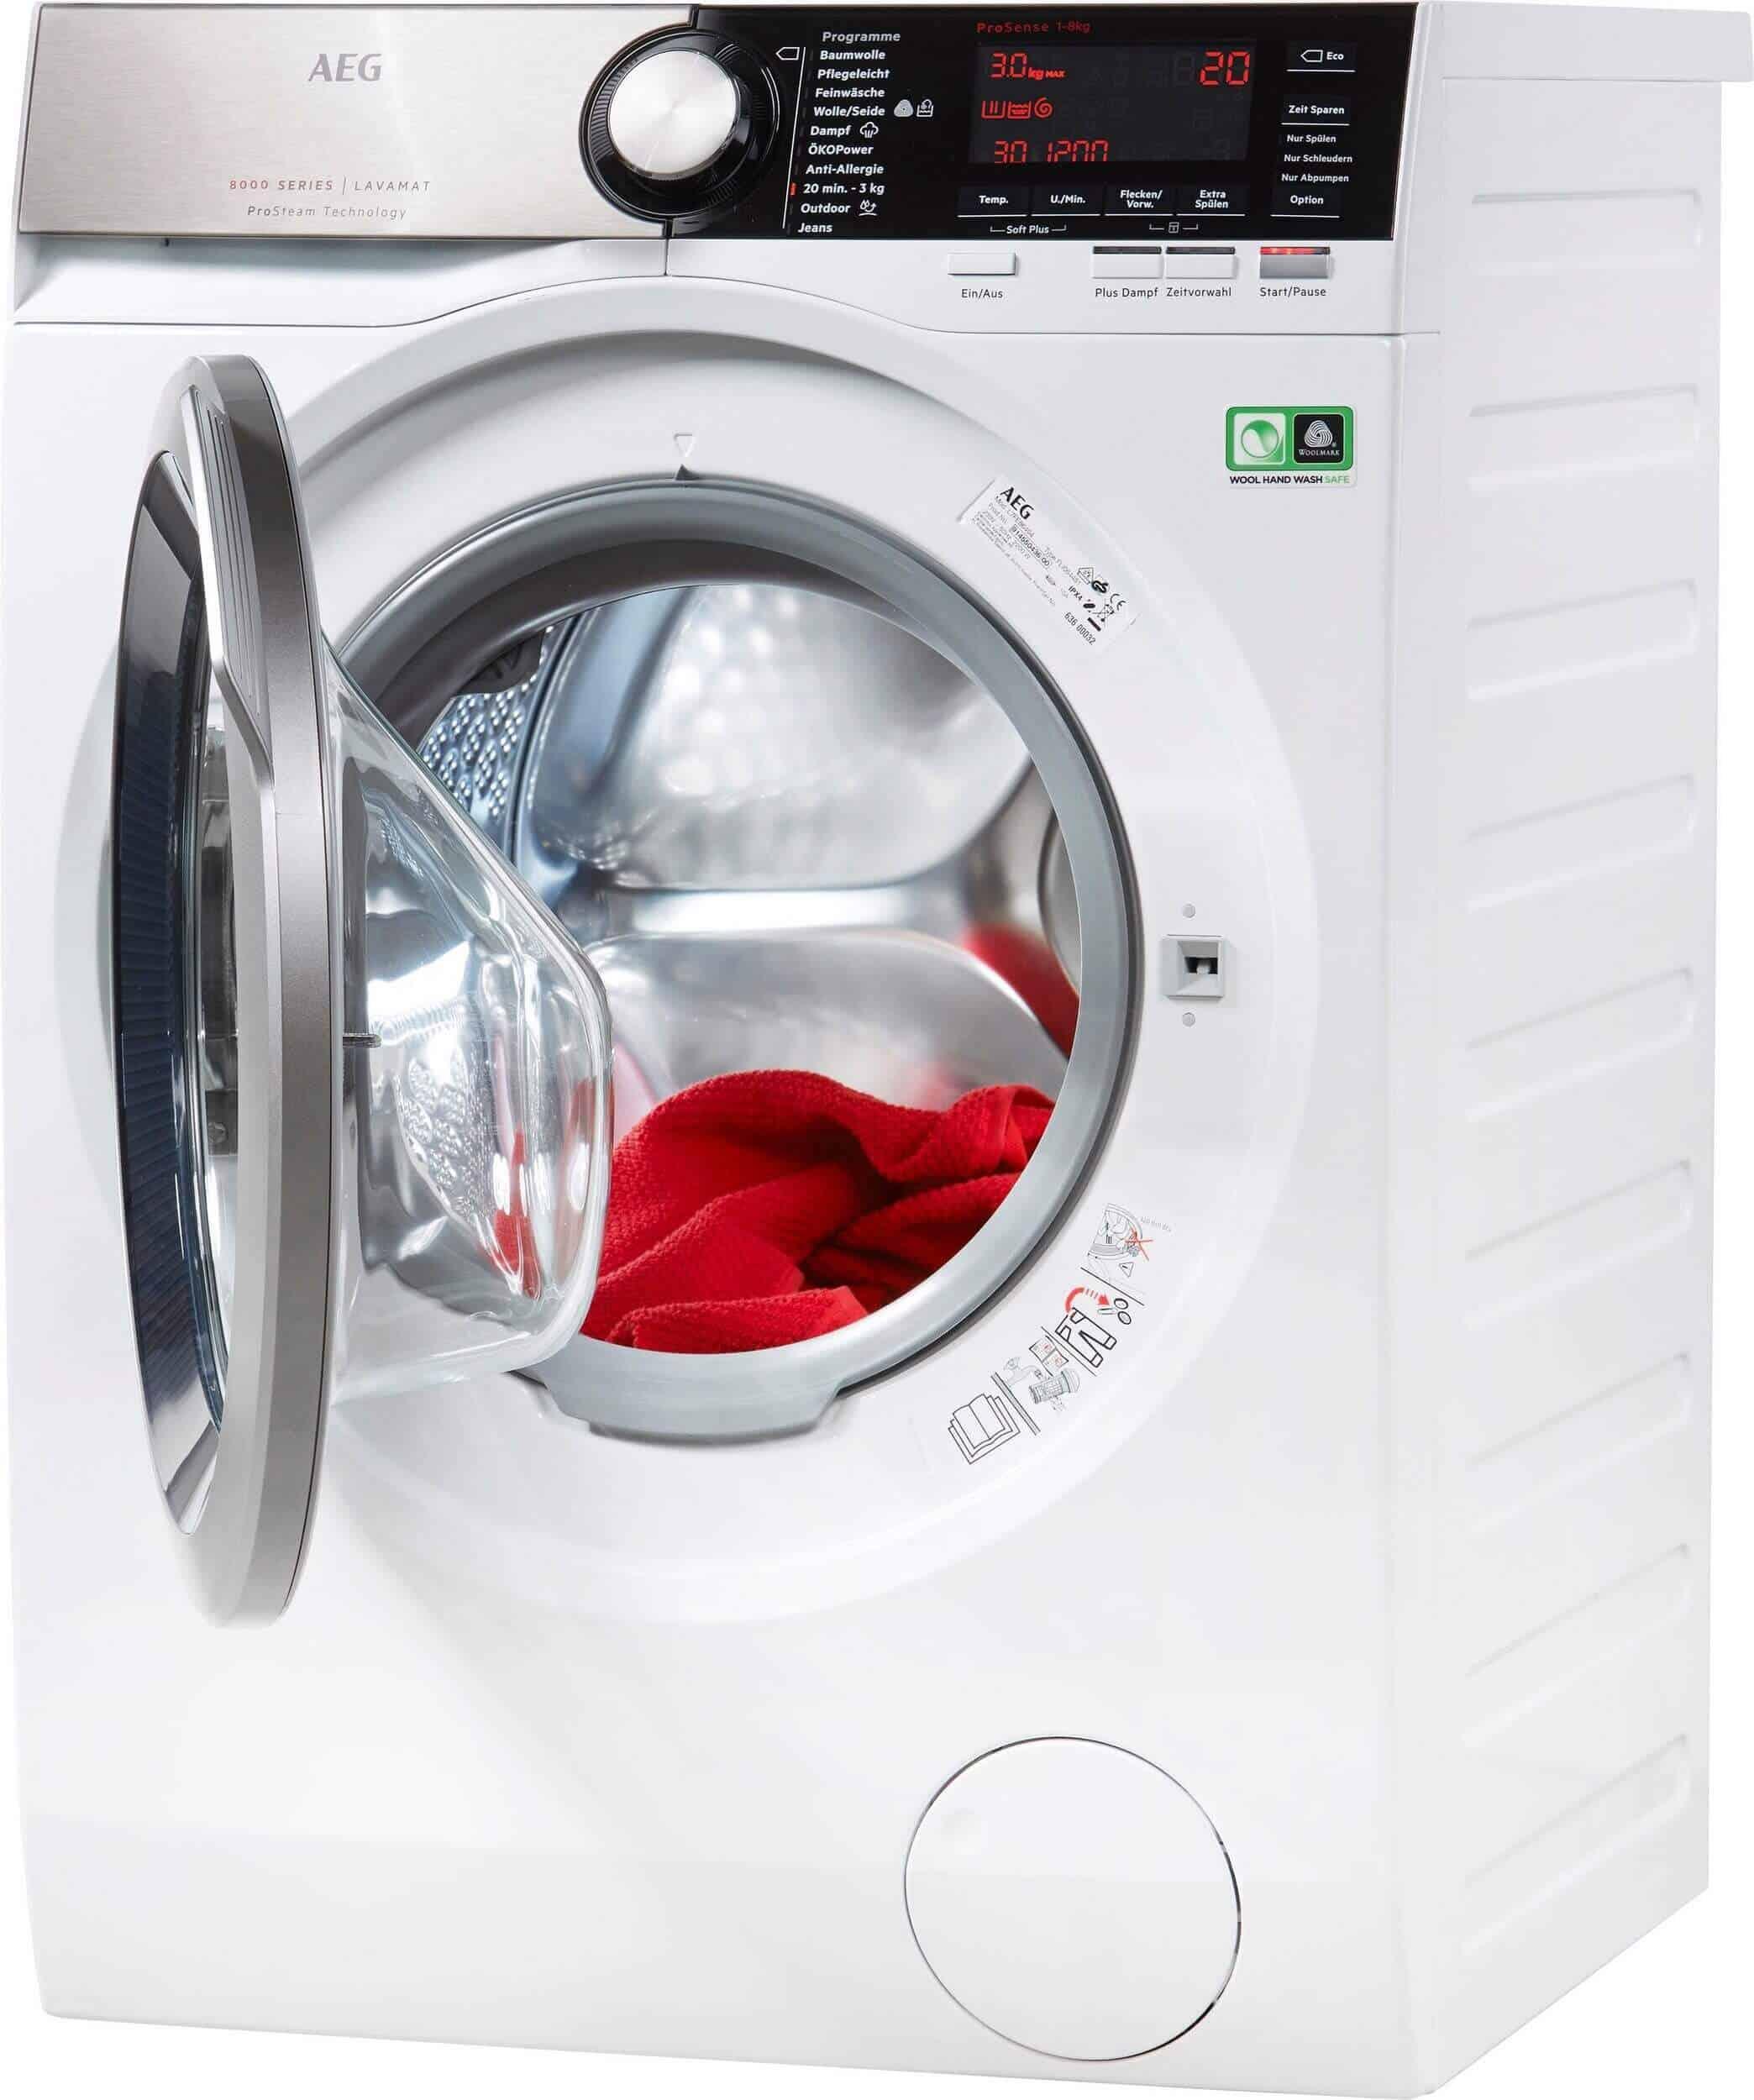 Beliebt Aeg L8fe86684 Waschmaschine im Test 02/2019 XO97